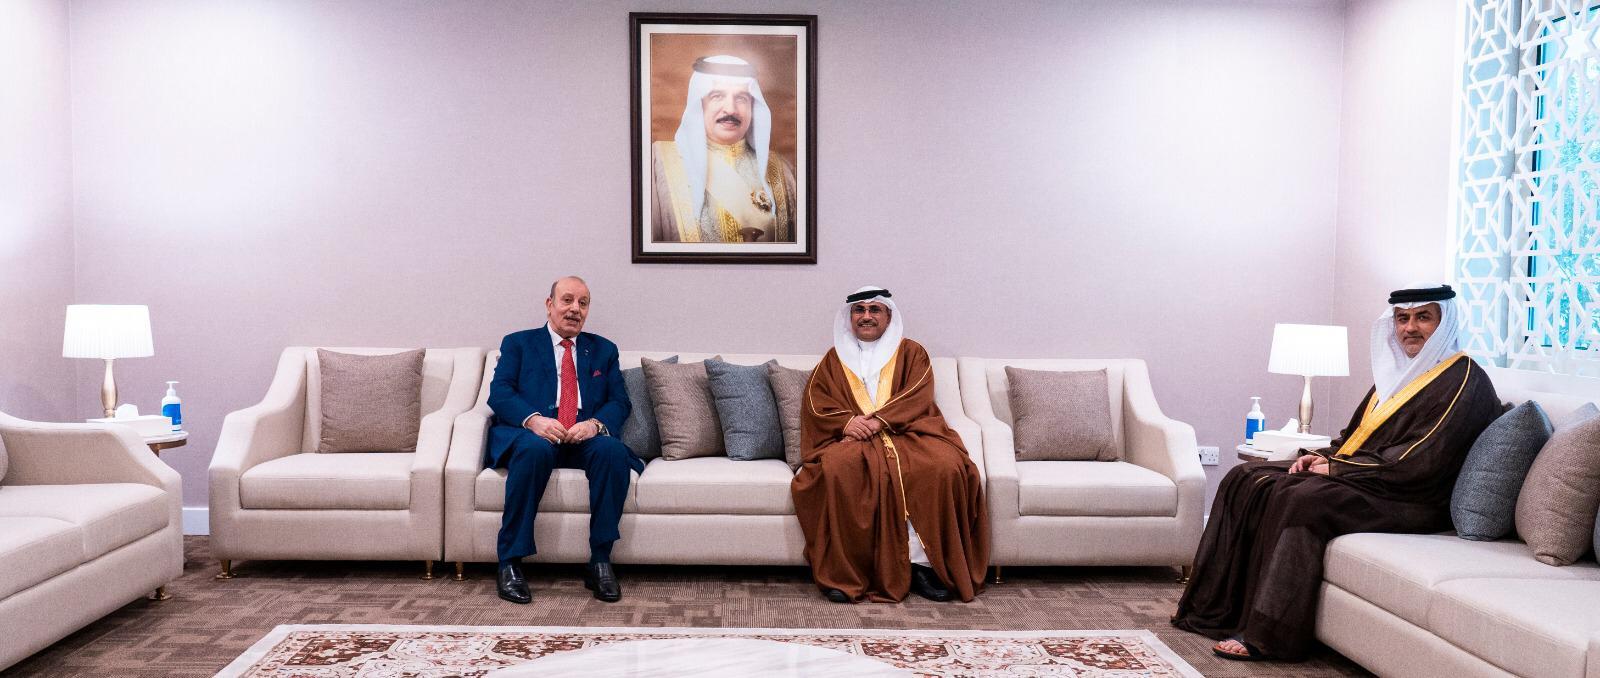 رئيس البرلمان العربي: ندعم القيادة والشعب الفلسطيني من أجل استعادة حقوقه المشروعة وإقامة الانتخابات في كامل أراضيه ومنها القدس